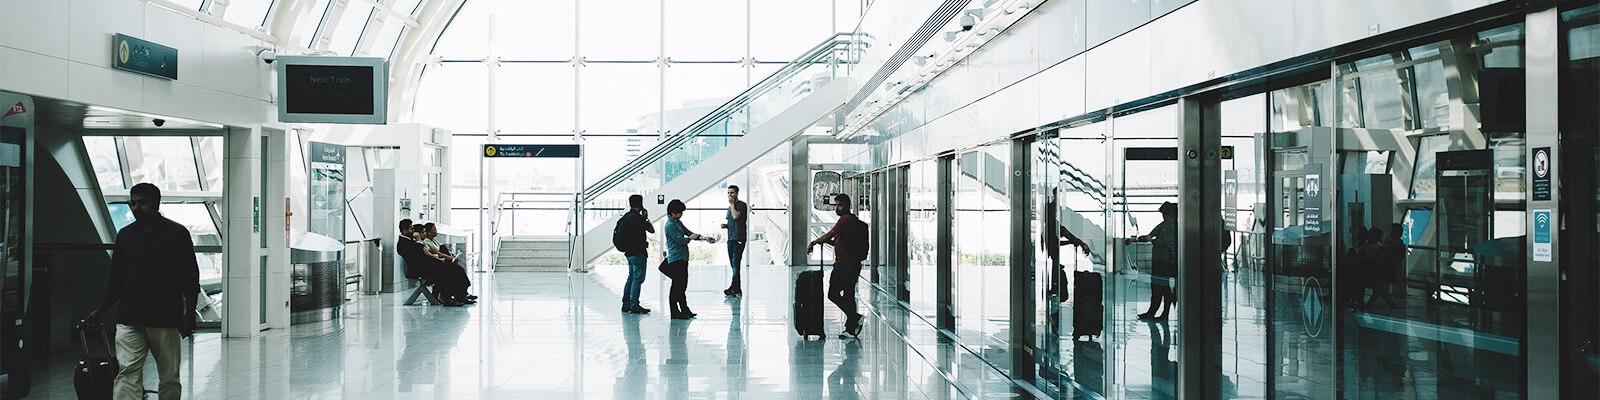 Flughafen_Gate